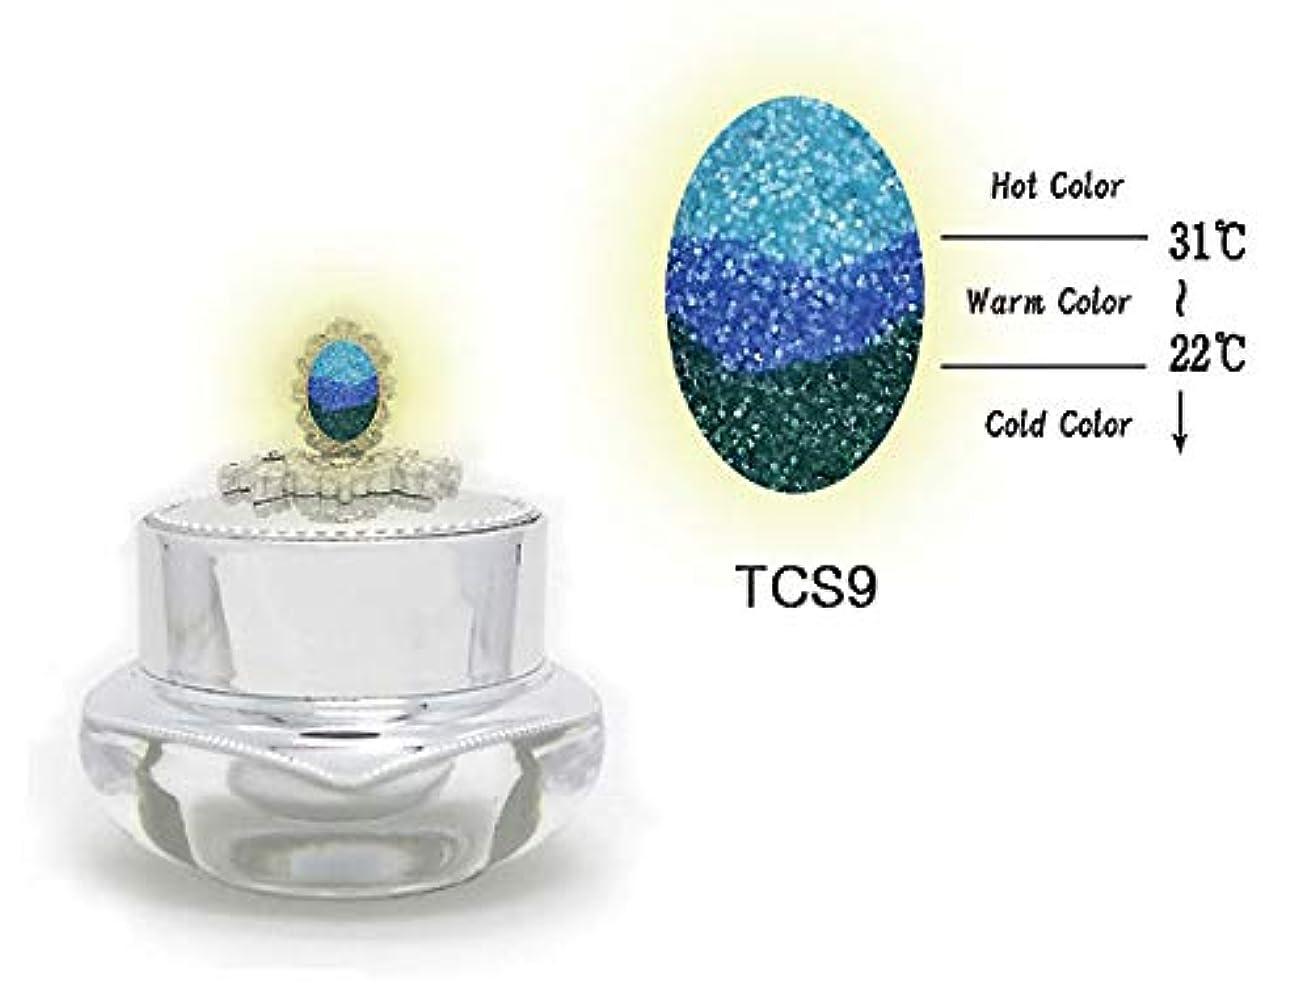 エンコミウム反抗線KENZICO (ケンジコ) Triple Sugar Gel一般用3g 【TCS9】 3つの色に変わる夜光ジェル トリプルシュガージェル